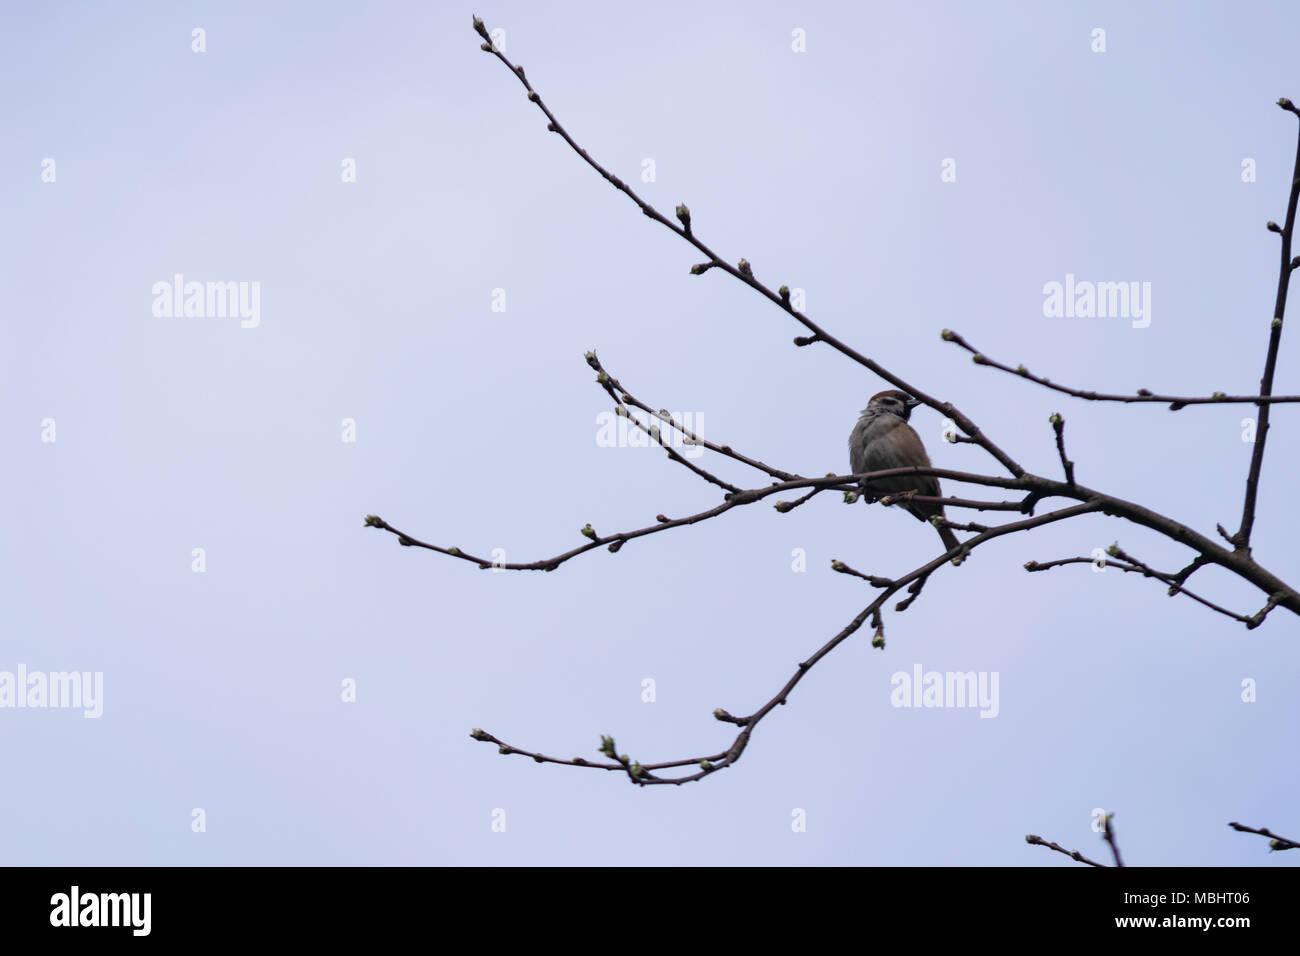 La Pologne, Głębowice, 11 Avr 2018. Les Moineau domestique (Passer domesticus). La population sparrow en Pologne est estimé à 5,7 - 6,9 millions de paires. Il représente près de 4 parties de la population européenne. Dans les années 80 du siècle précédent, il a été 3 fois plus qu'aujourd'hui. 20 mars, nous célébrons la Journée internationale de l'arrêt Sparrow. Credit: w124merc / Alamy Live News Banque D'Images